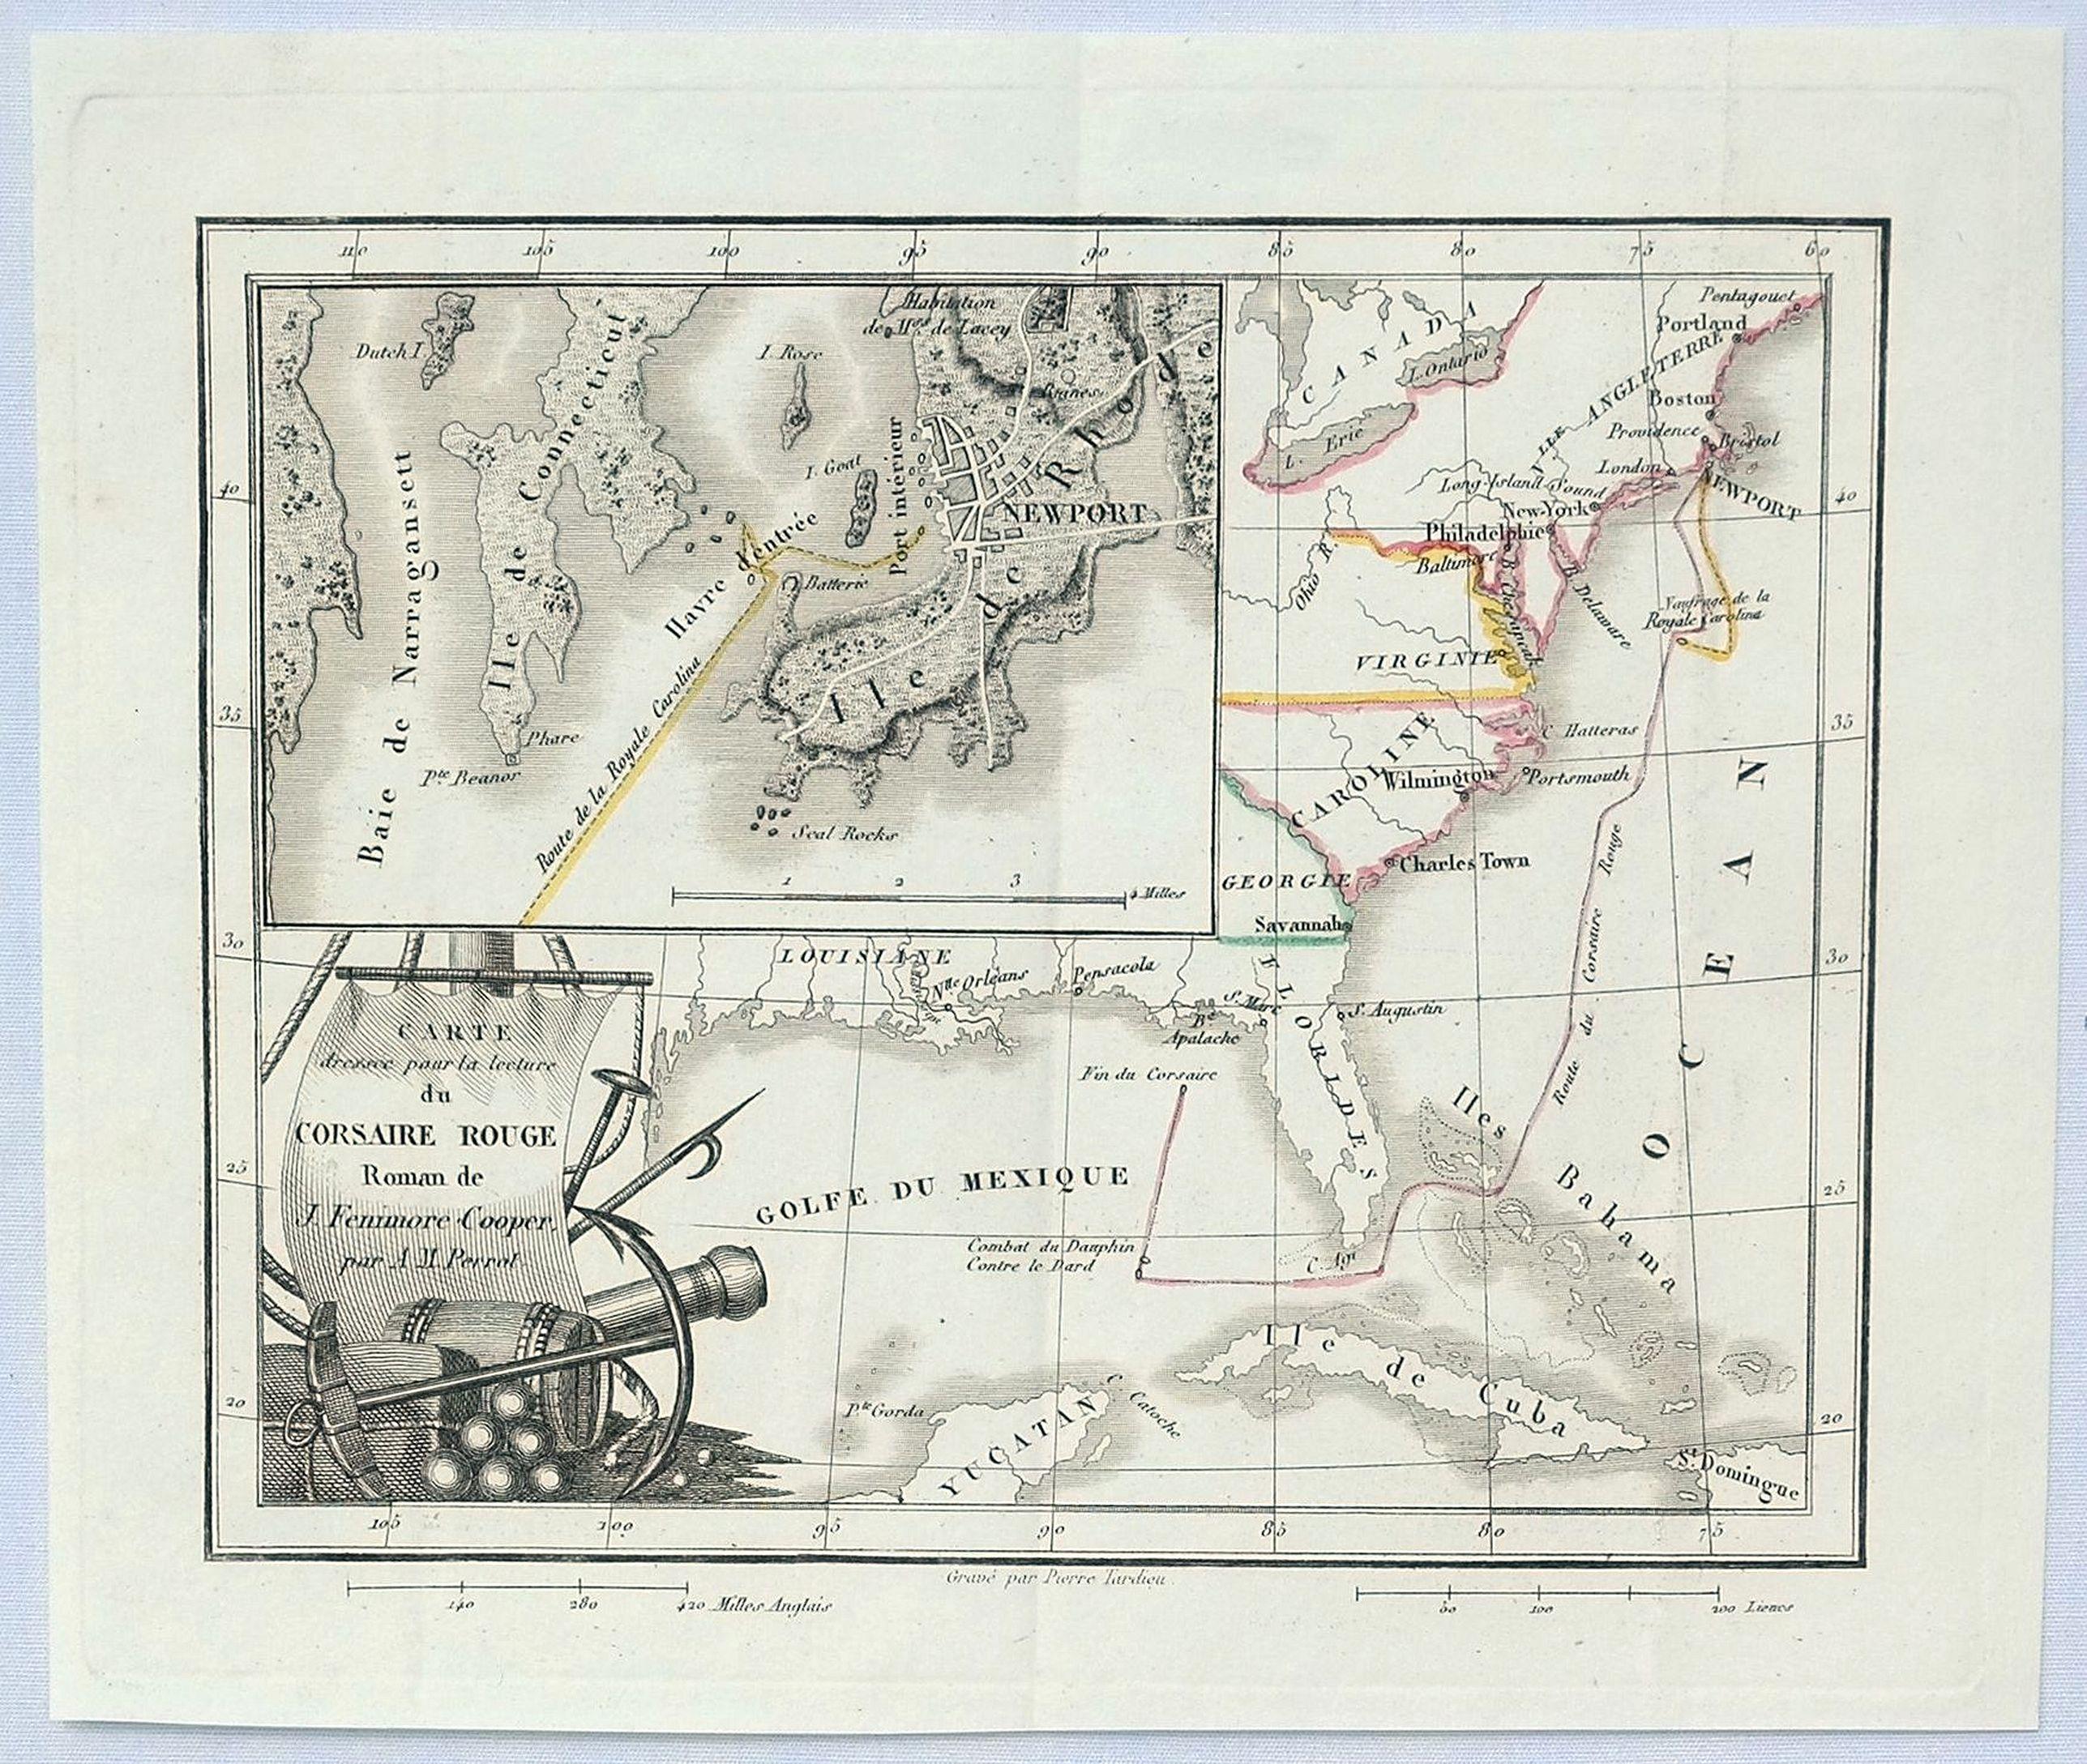 PERROT, A. - Carte Dressee pour la Lecture du Corsaire Rouge Roman de J. Fenimore Cooper.